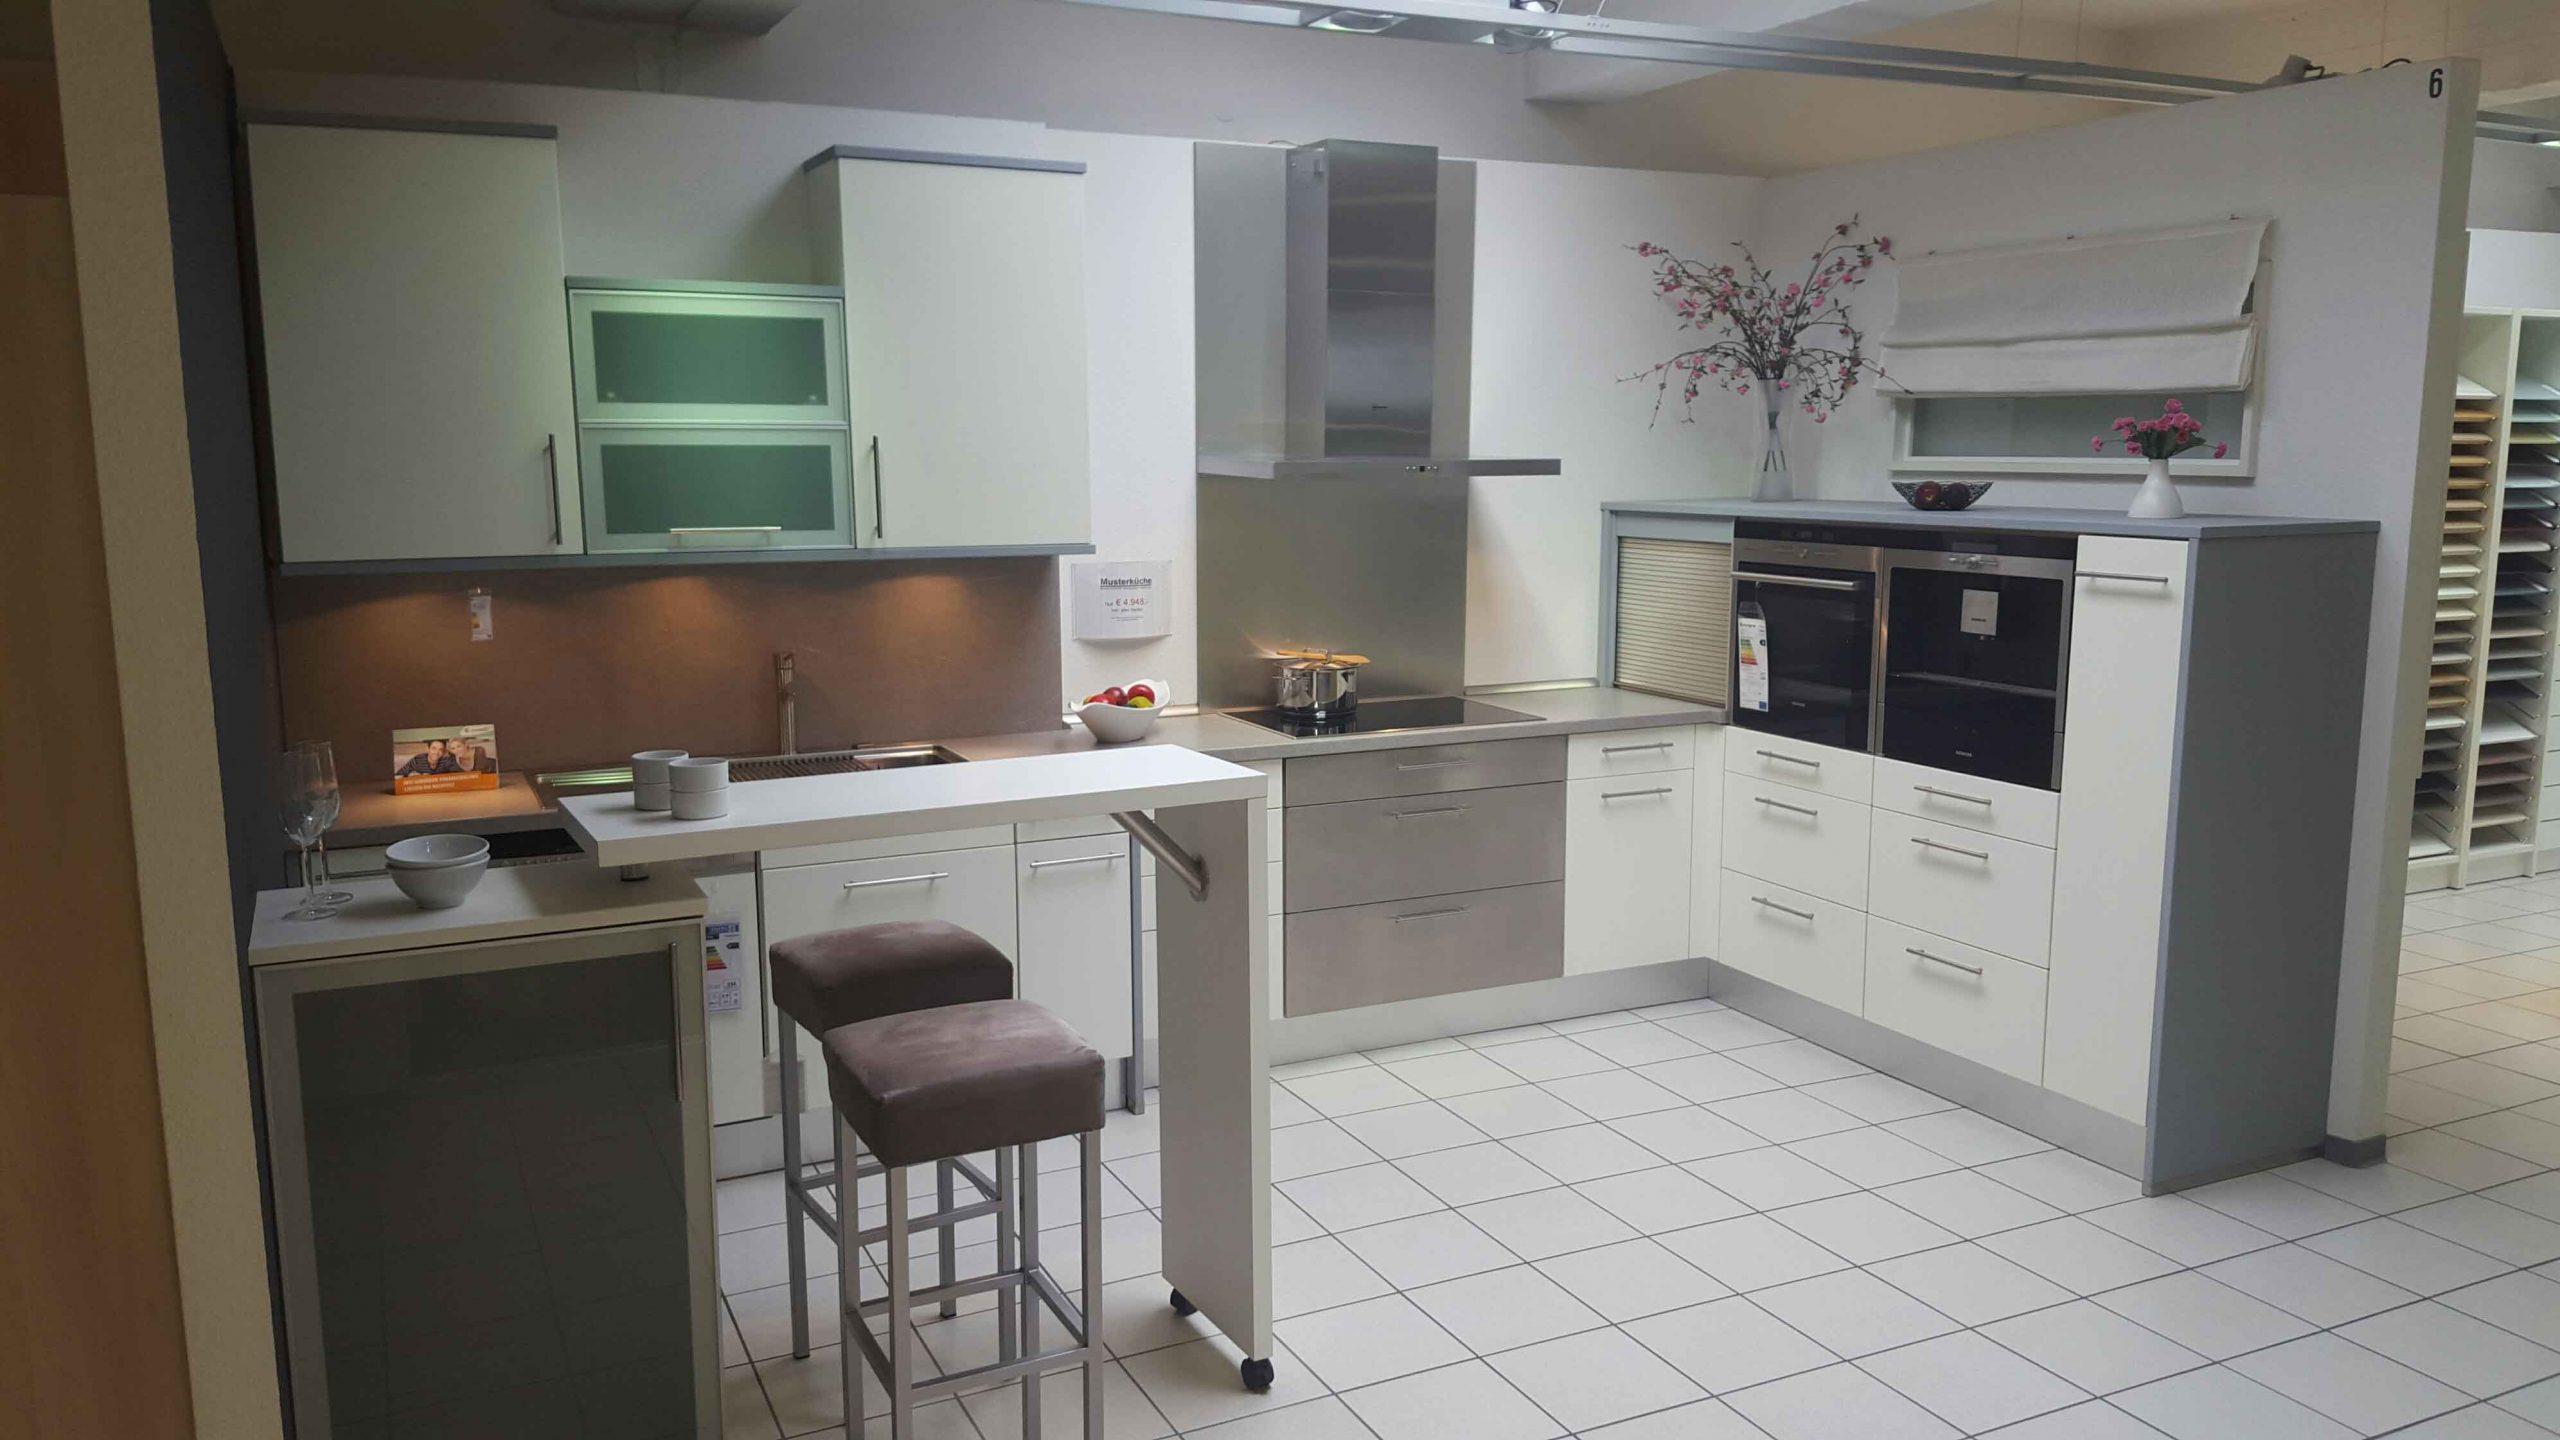 Full Size of Ikea Küche L Form Küche L Form Mit Eckspüle Landhaus Küche L Form Küche L Form Gebraucht Küche Küche L Form